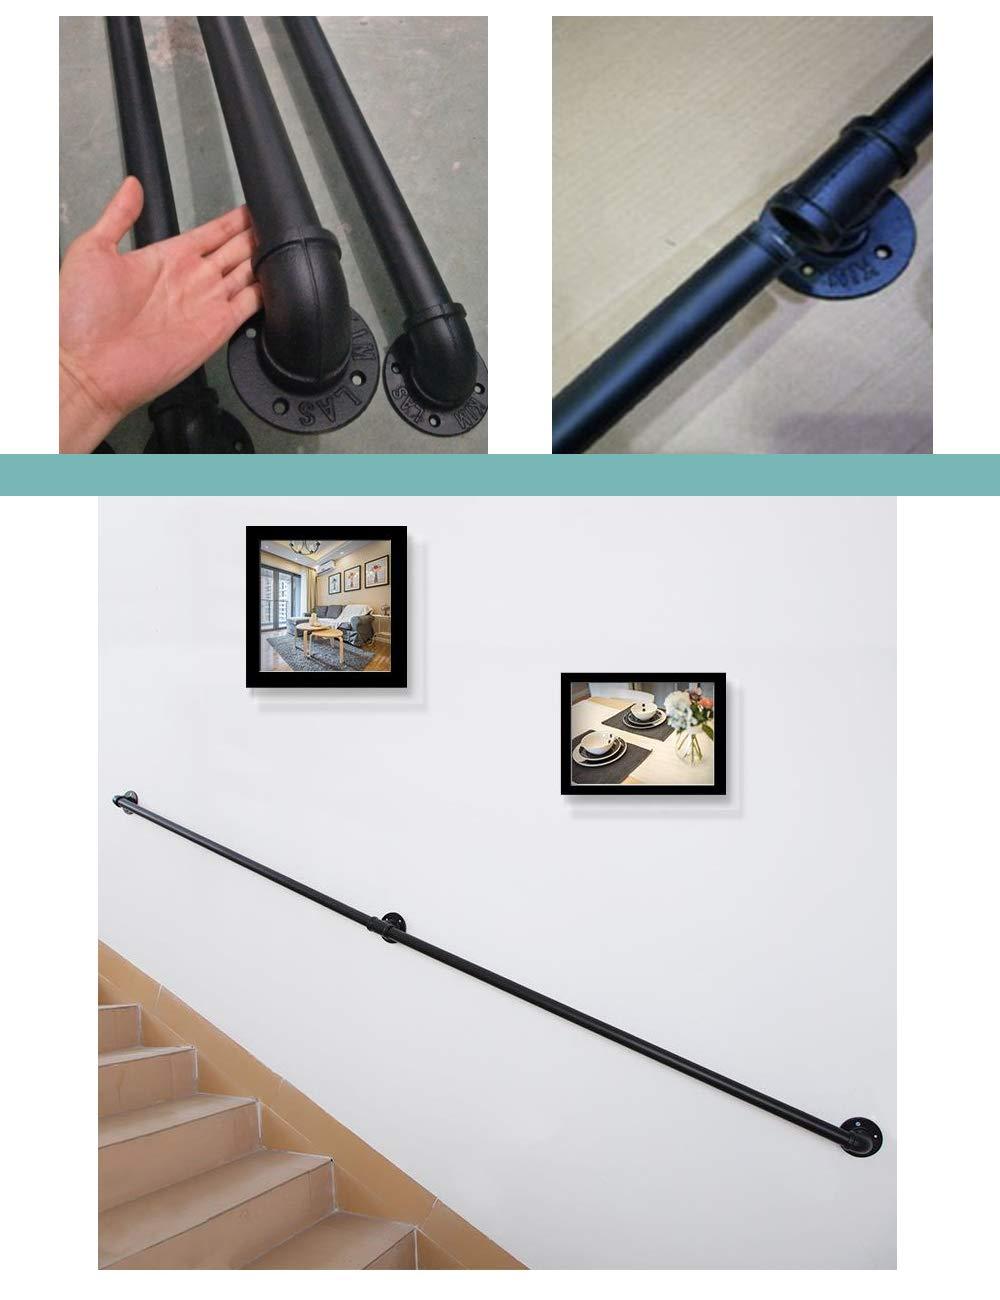 Villa Varios tama/ños 30 cm - 600 cm YHYS Reposabrazos de Seguridad para escaleras |Hierro Forjado Galvanizado Proceso de Pintura Antideslizante Adecuado para Interiores y Exteriores Bar,